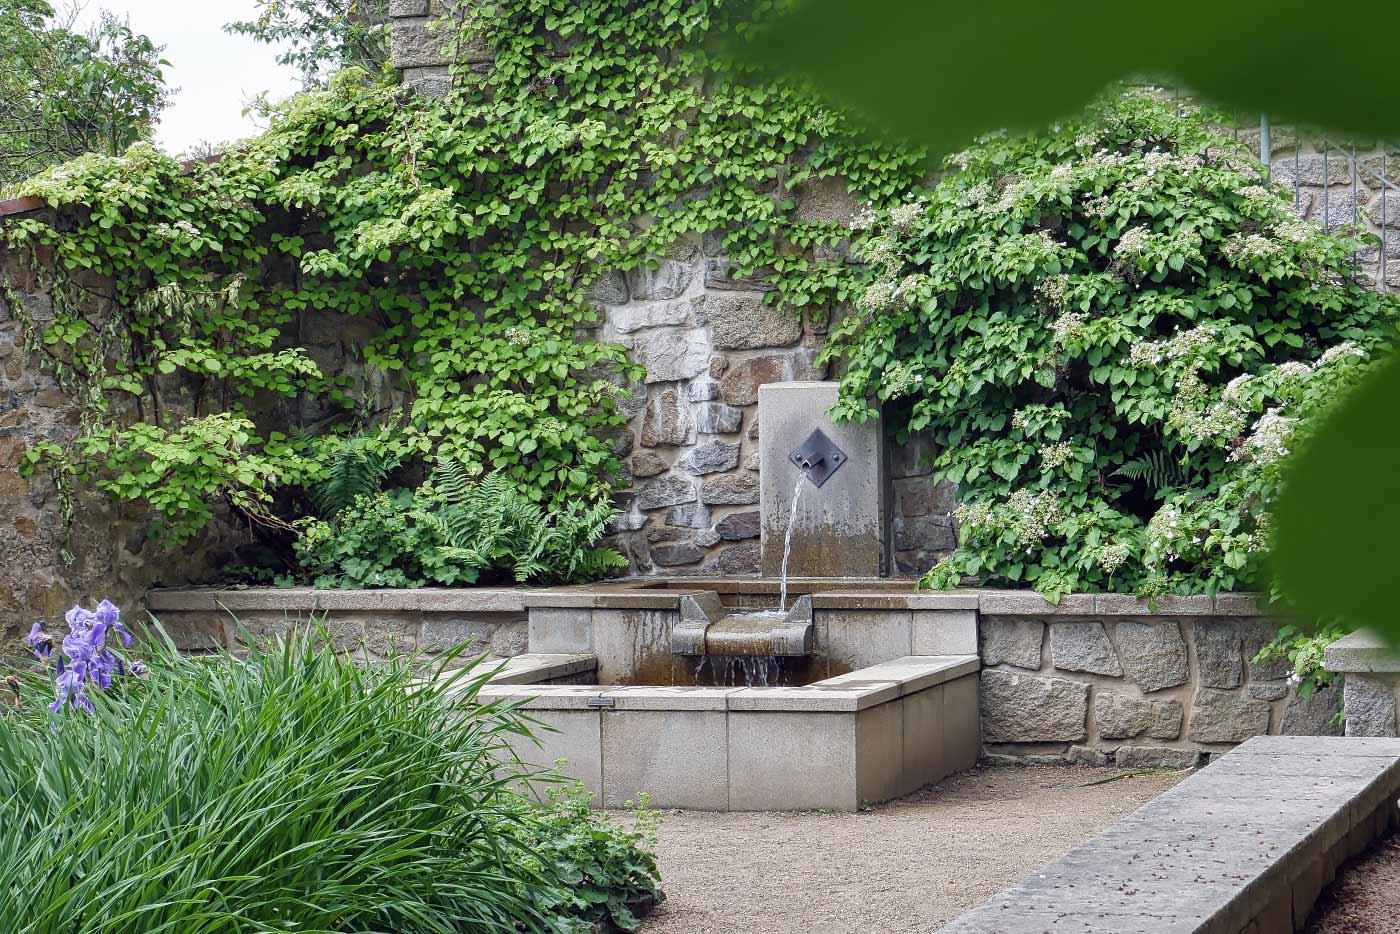 Nikolaizwinger Brunnen park